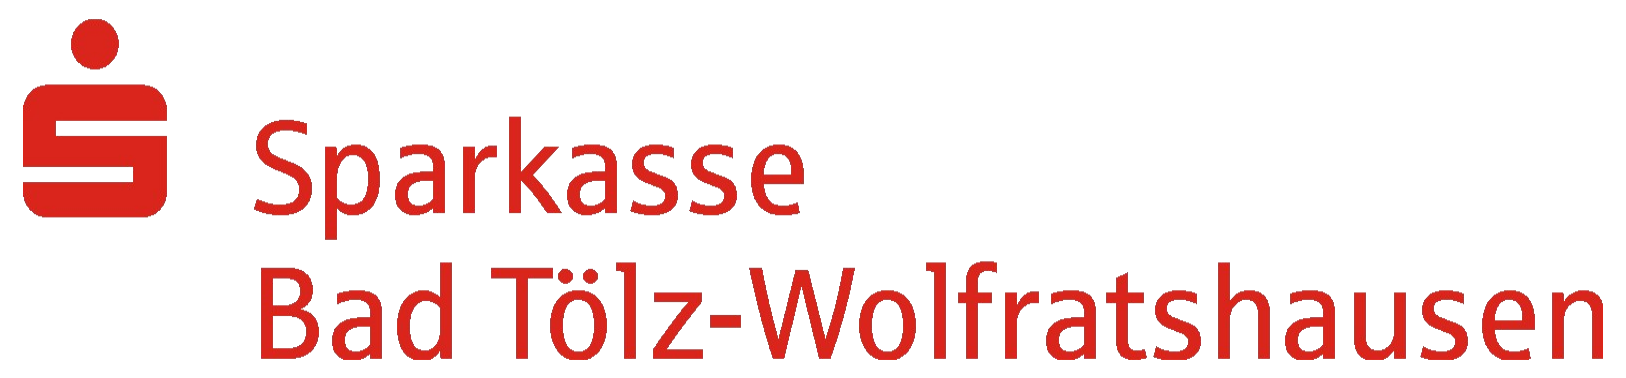 logo_sparkasse-toel-wor